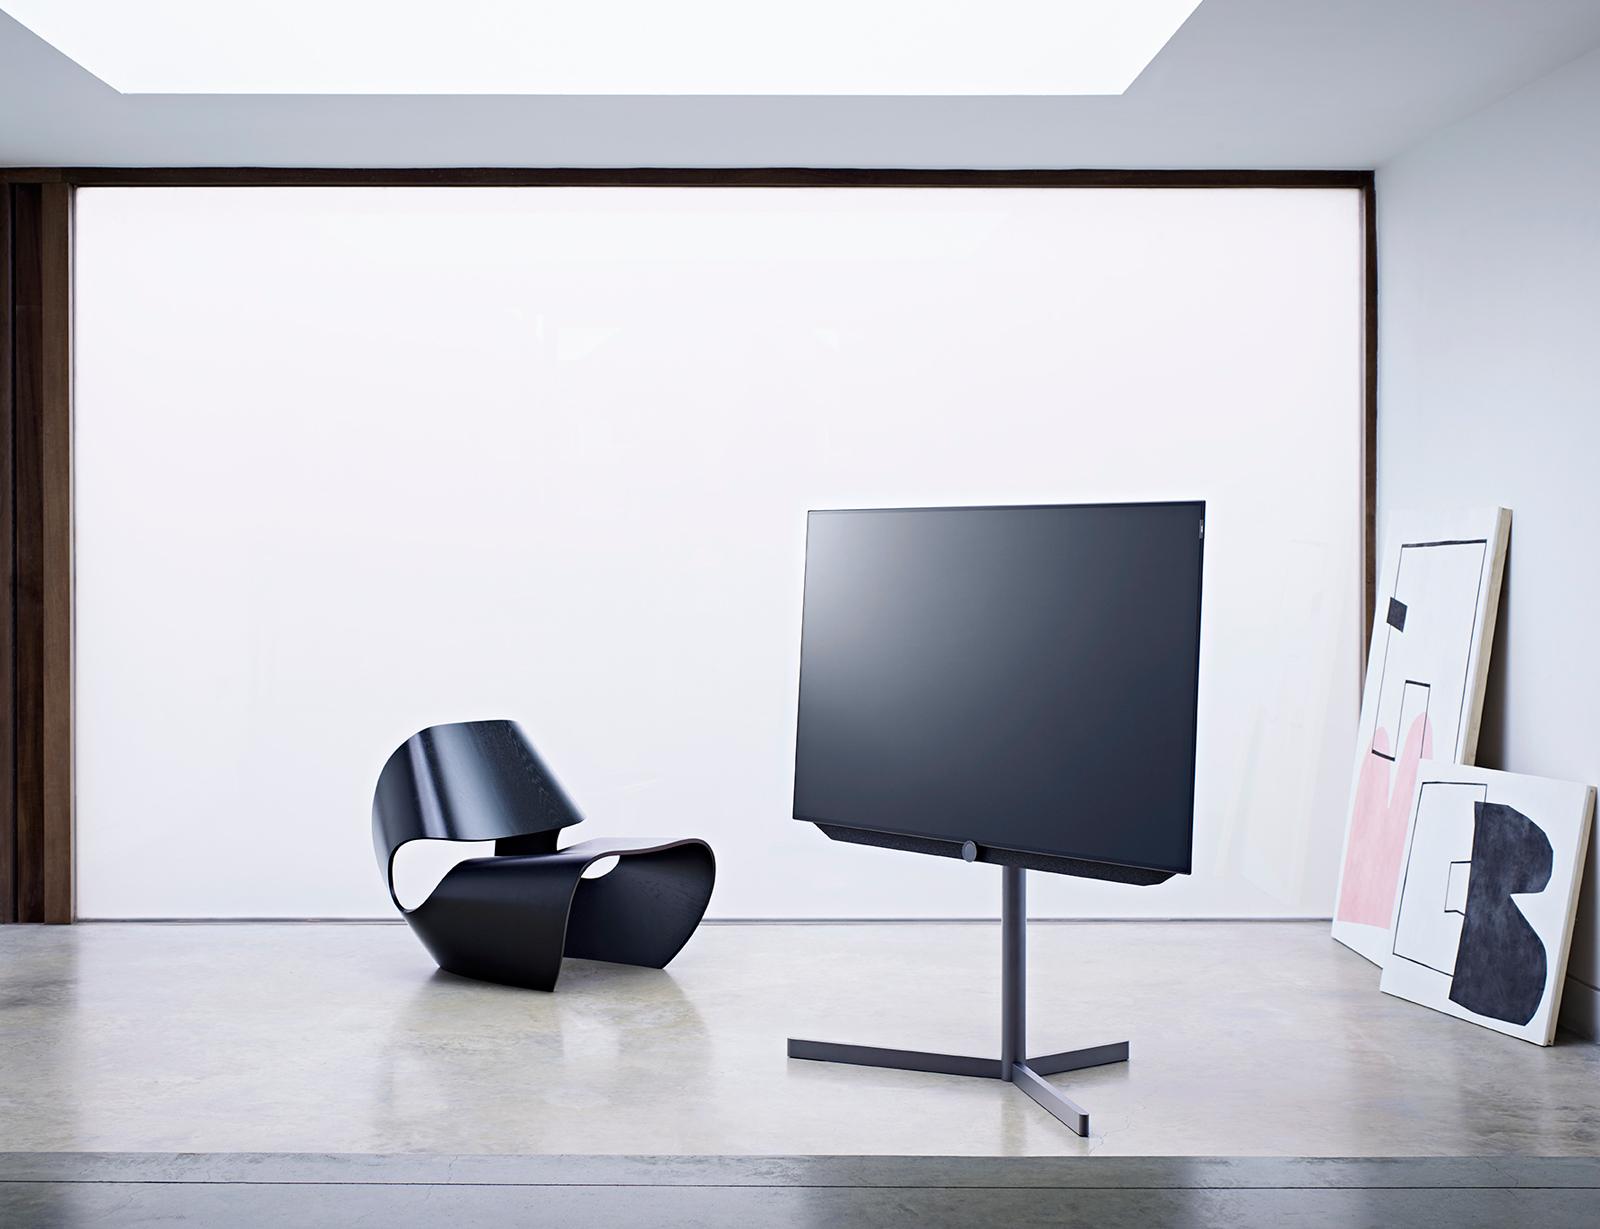 Bild 7 - Loewe - OLED - 4K UHD TV - Audio Venue